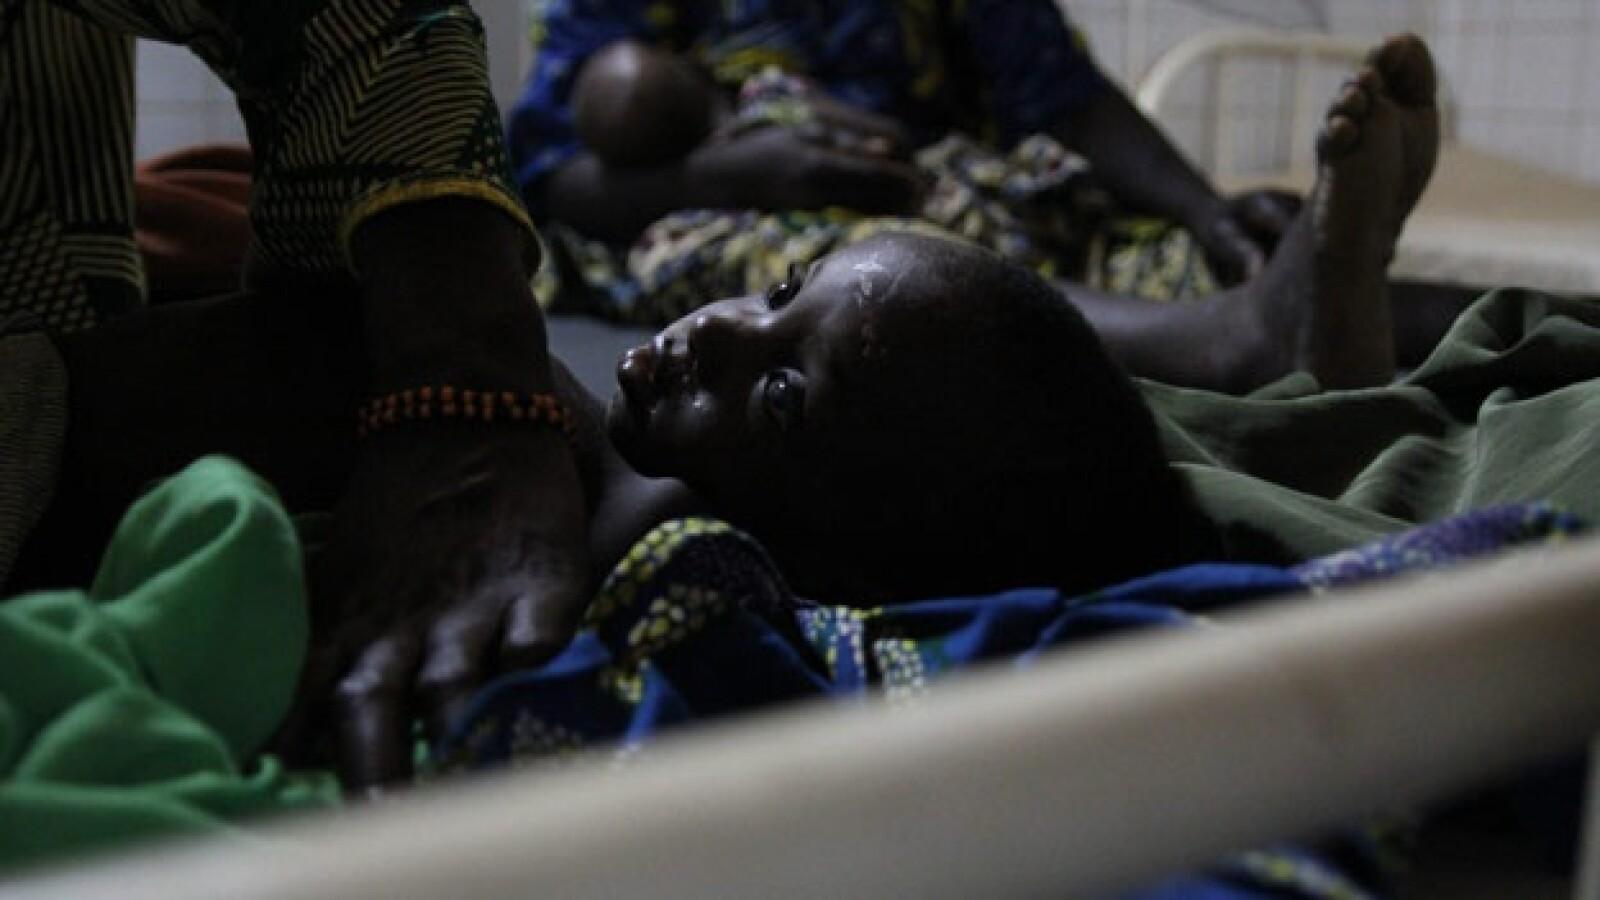 Áfríca - niña con sarampión